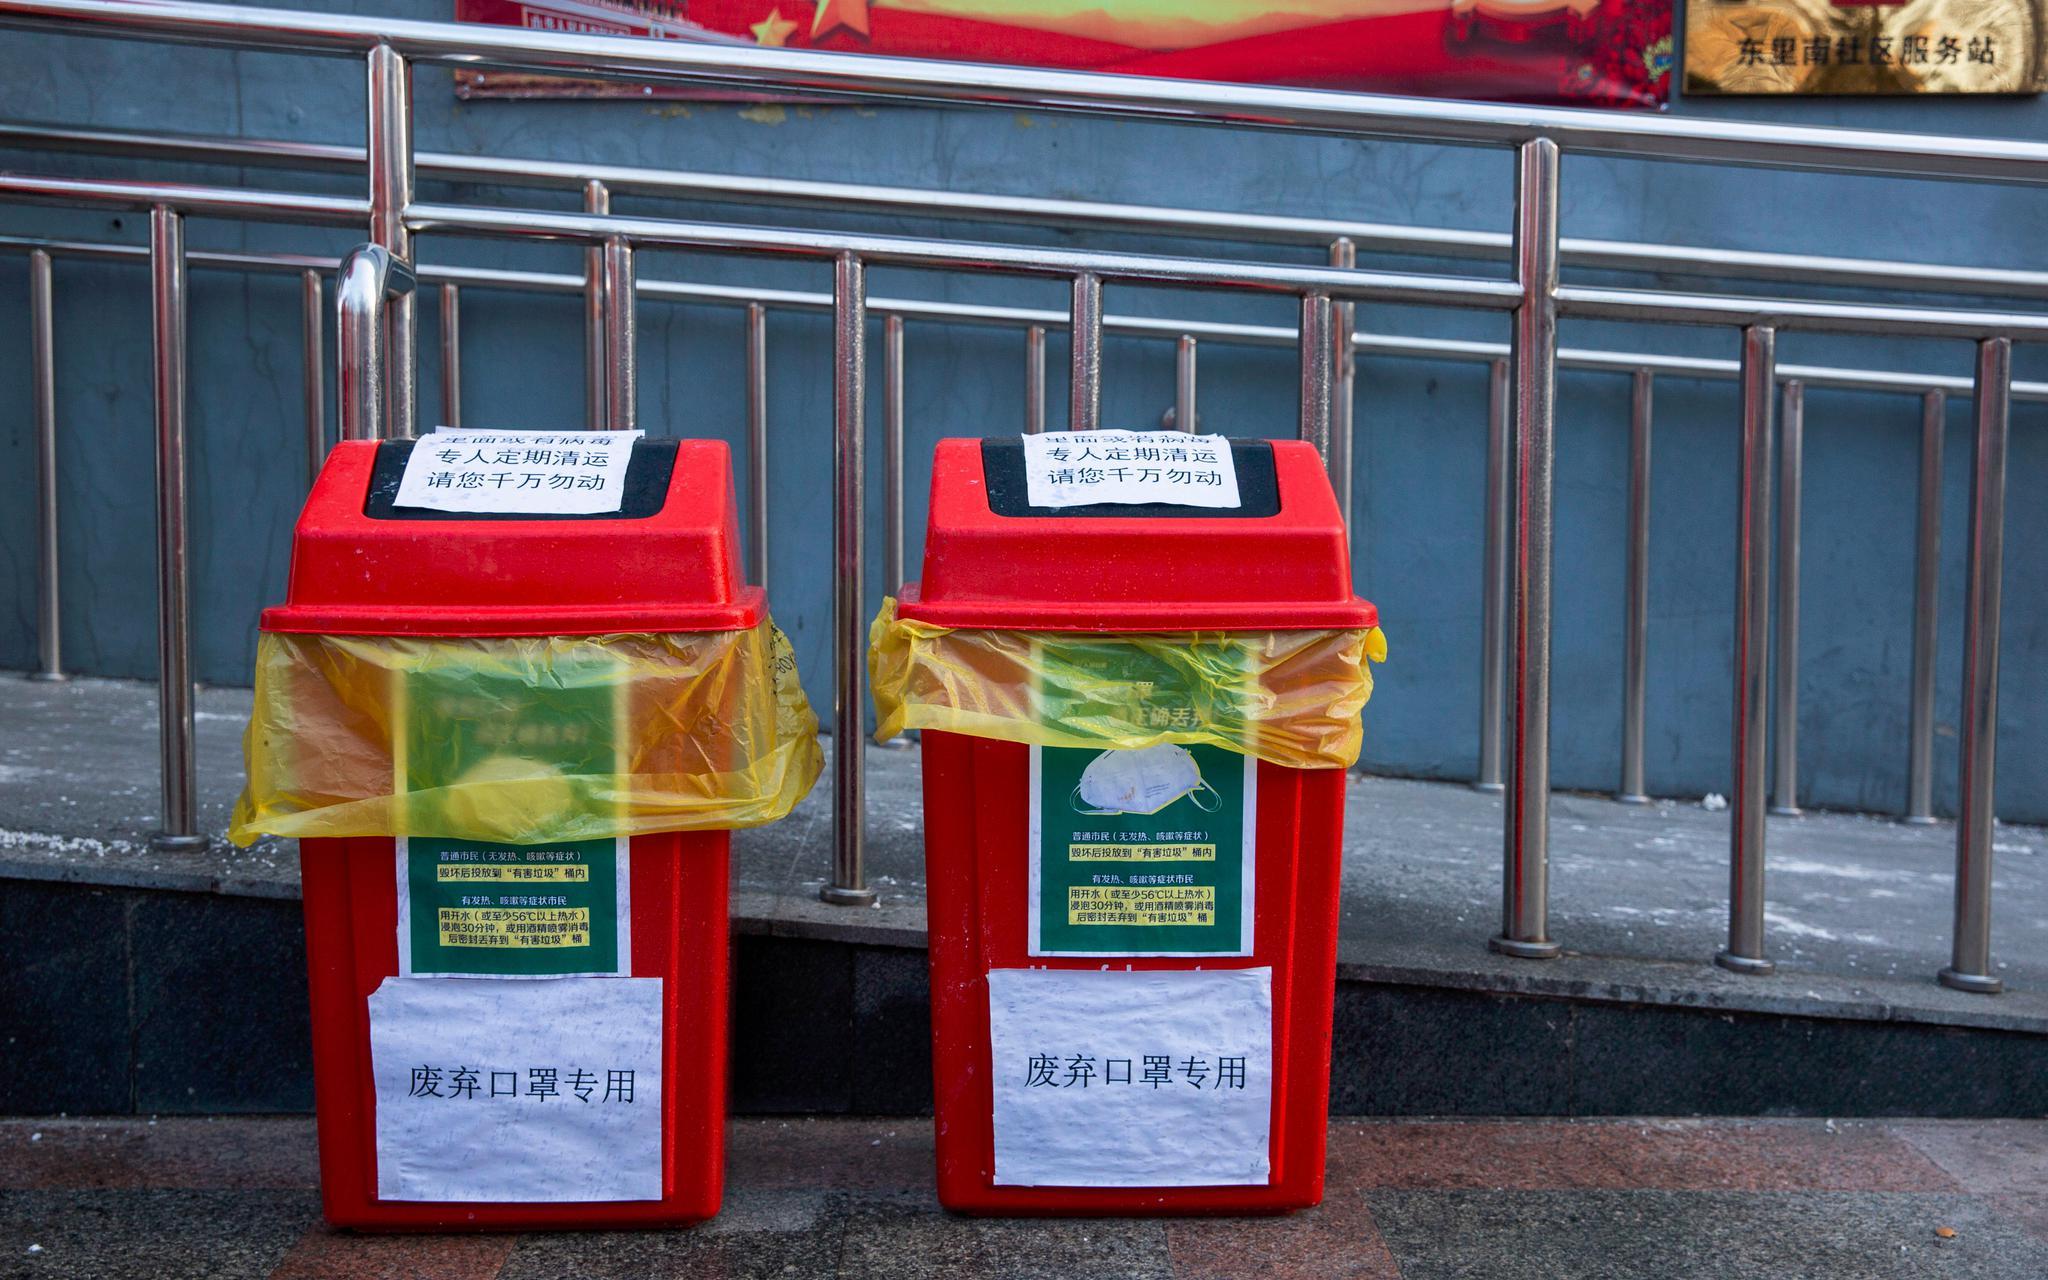 探訪北京街道廢棄口罩回收:多次消毒后作為醫療垃圾處理圖片